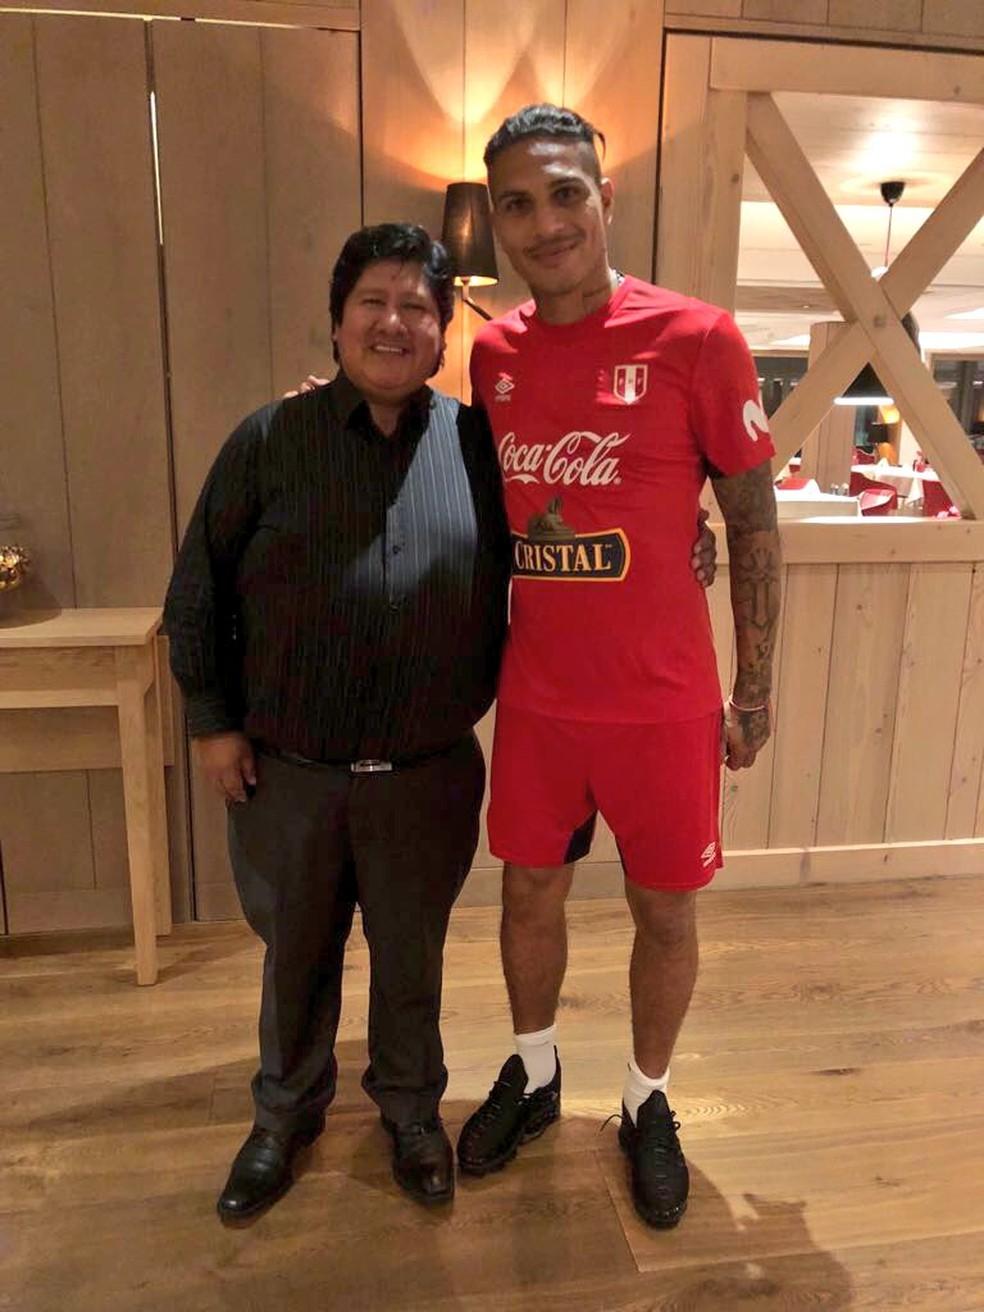 Ao lado do presidente Edwin Oviedo, posou com o uniforme de treino da seleção (Foto: Divulgação / Peru)